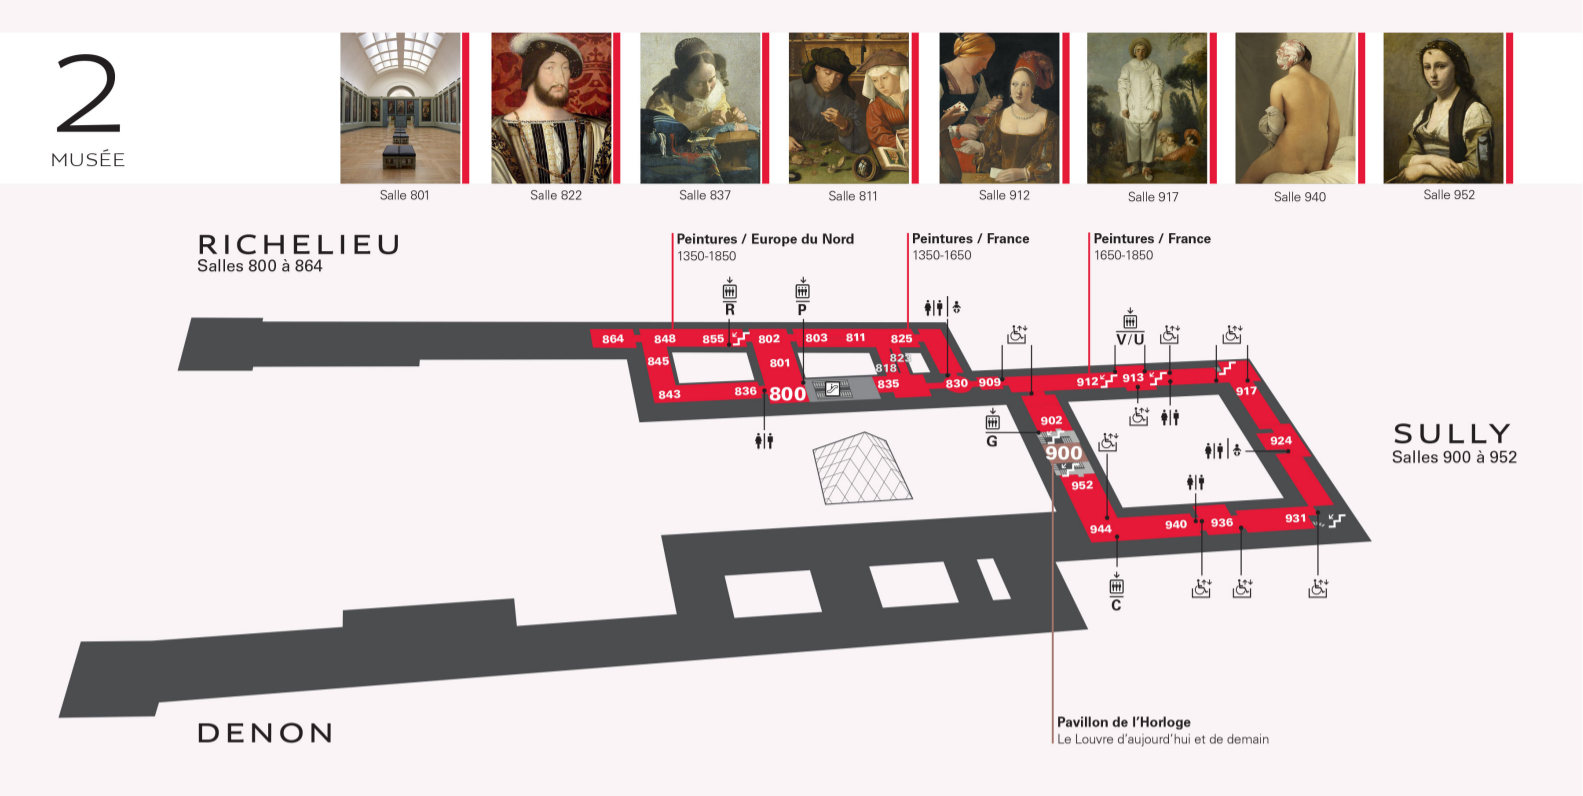 Plan du Musée du Louvre étage 2